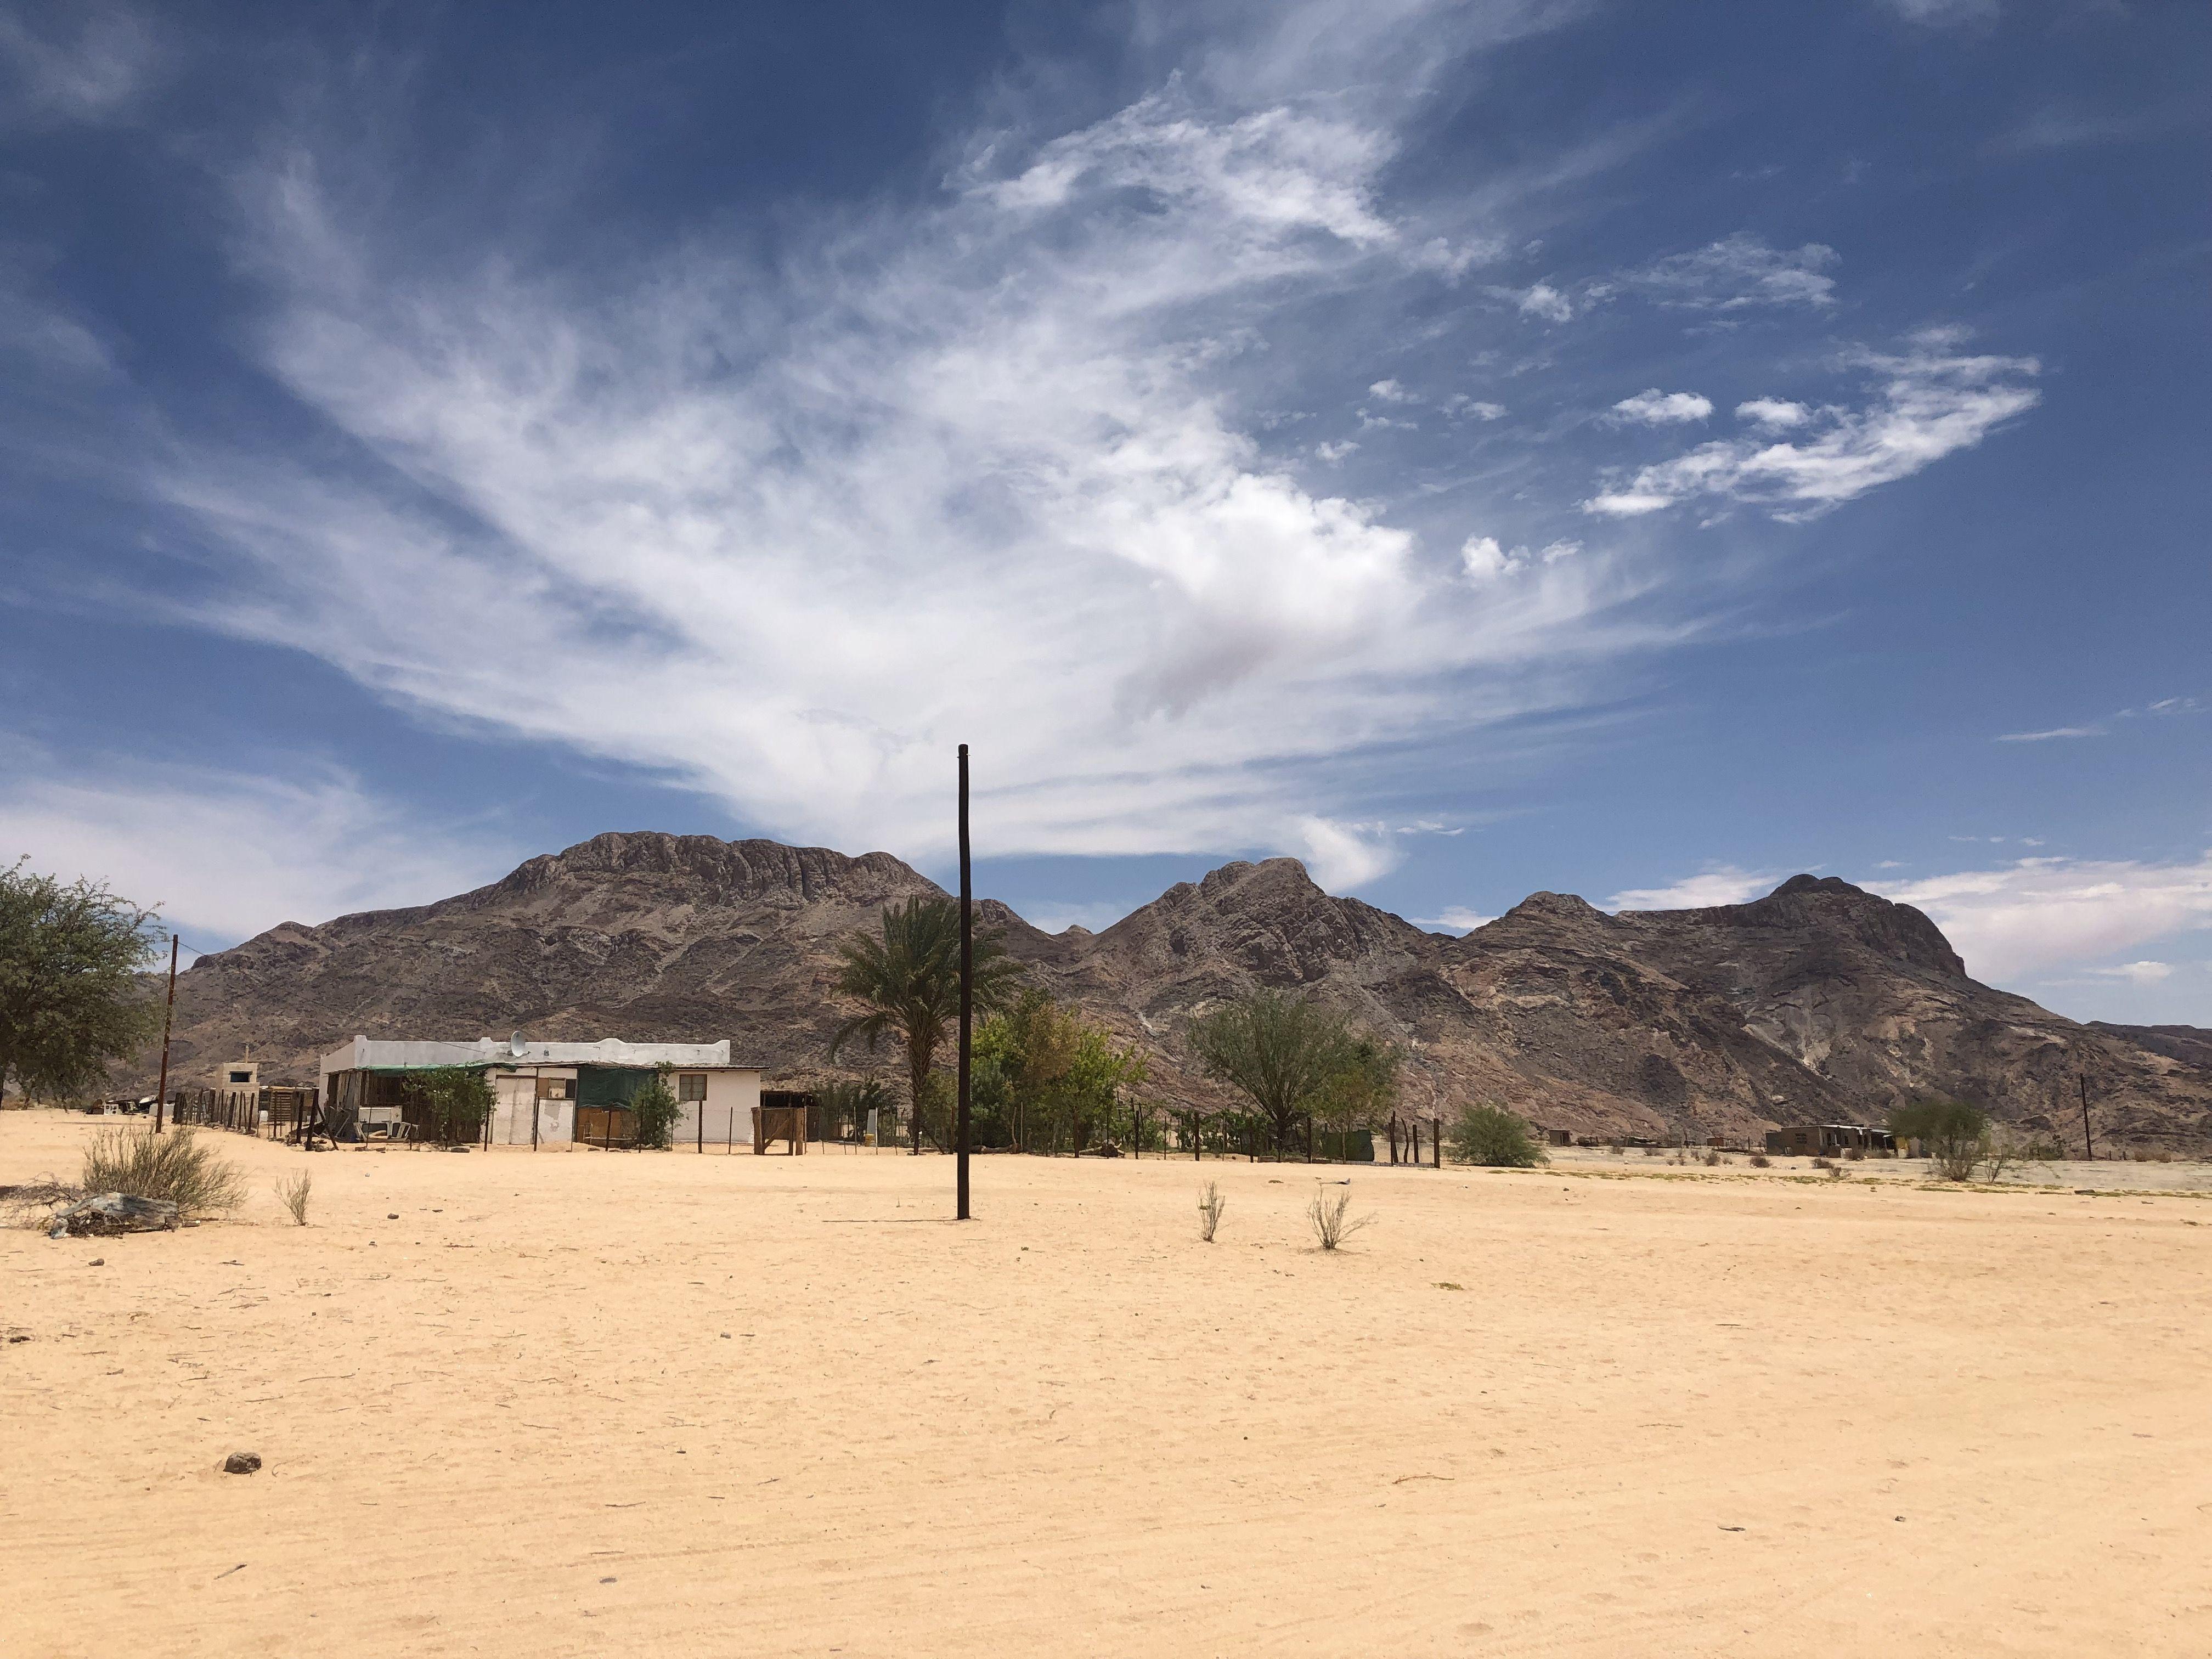 Das Namaqualand ist eine wüstenhafte Region Südafrikas an der Grenze zu Nambia.